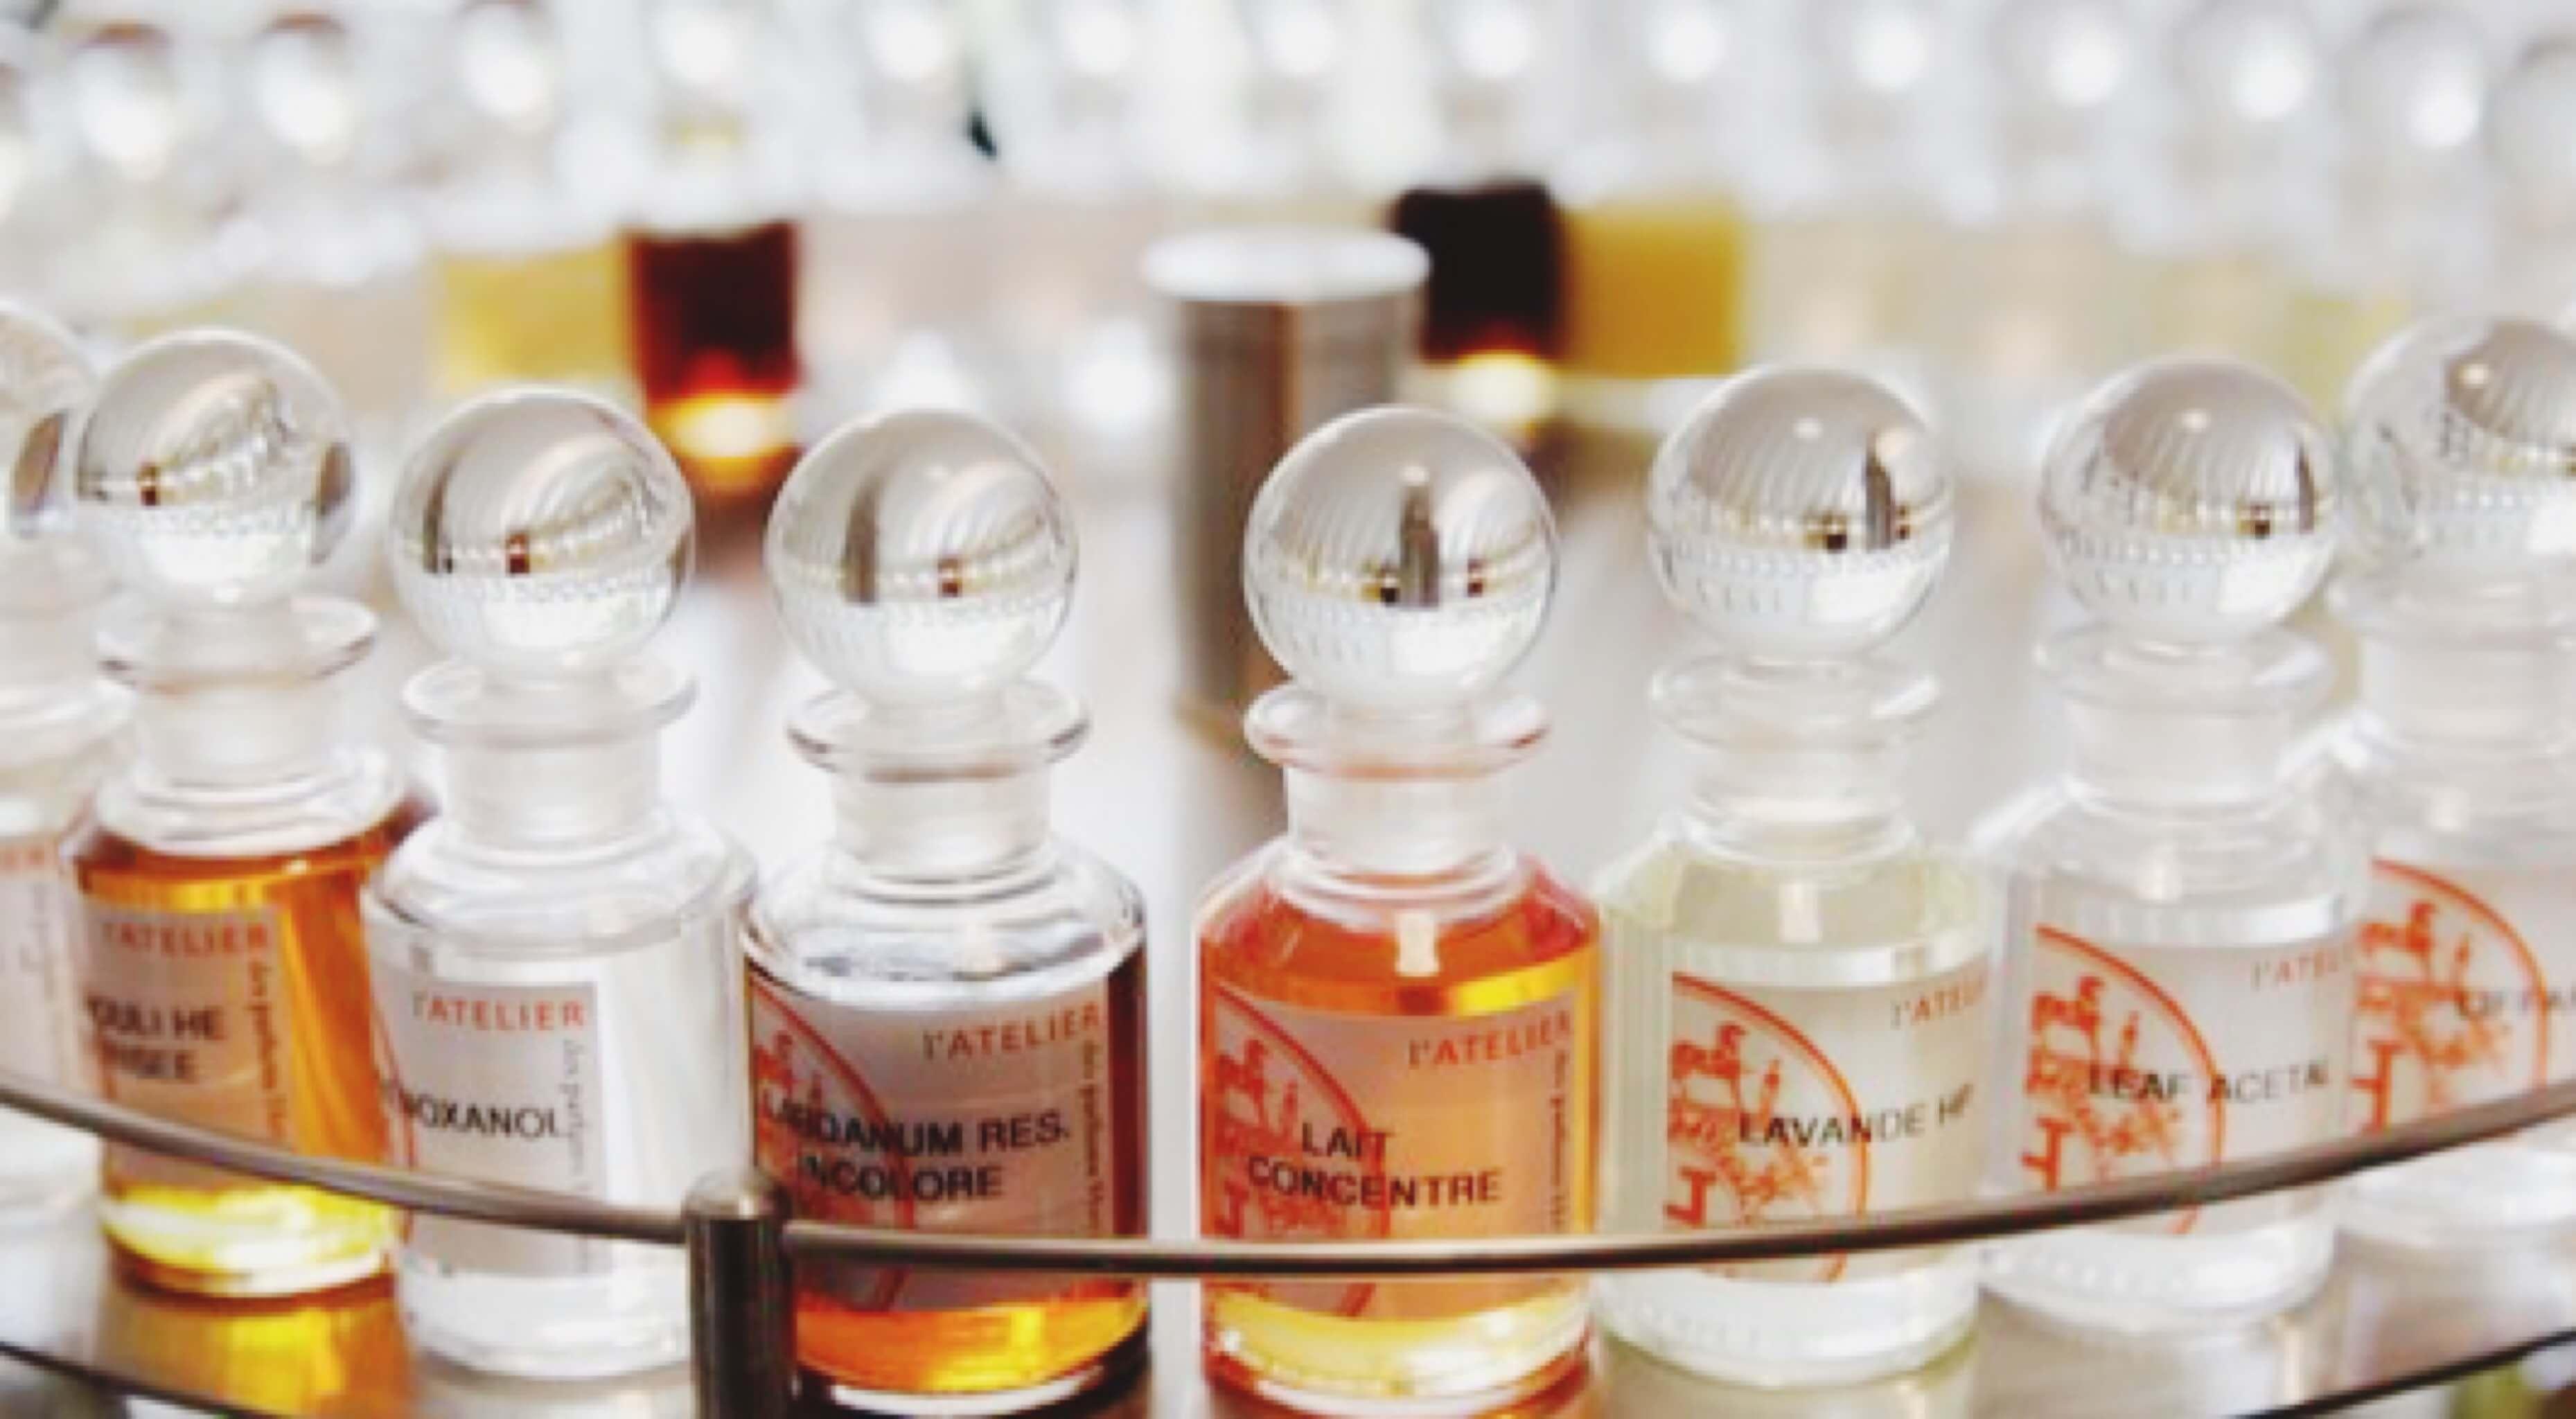 Annaway Travelblog Anna Der Duft der Welt Parfum Kreation